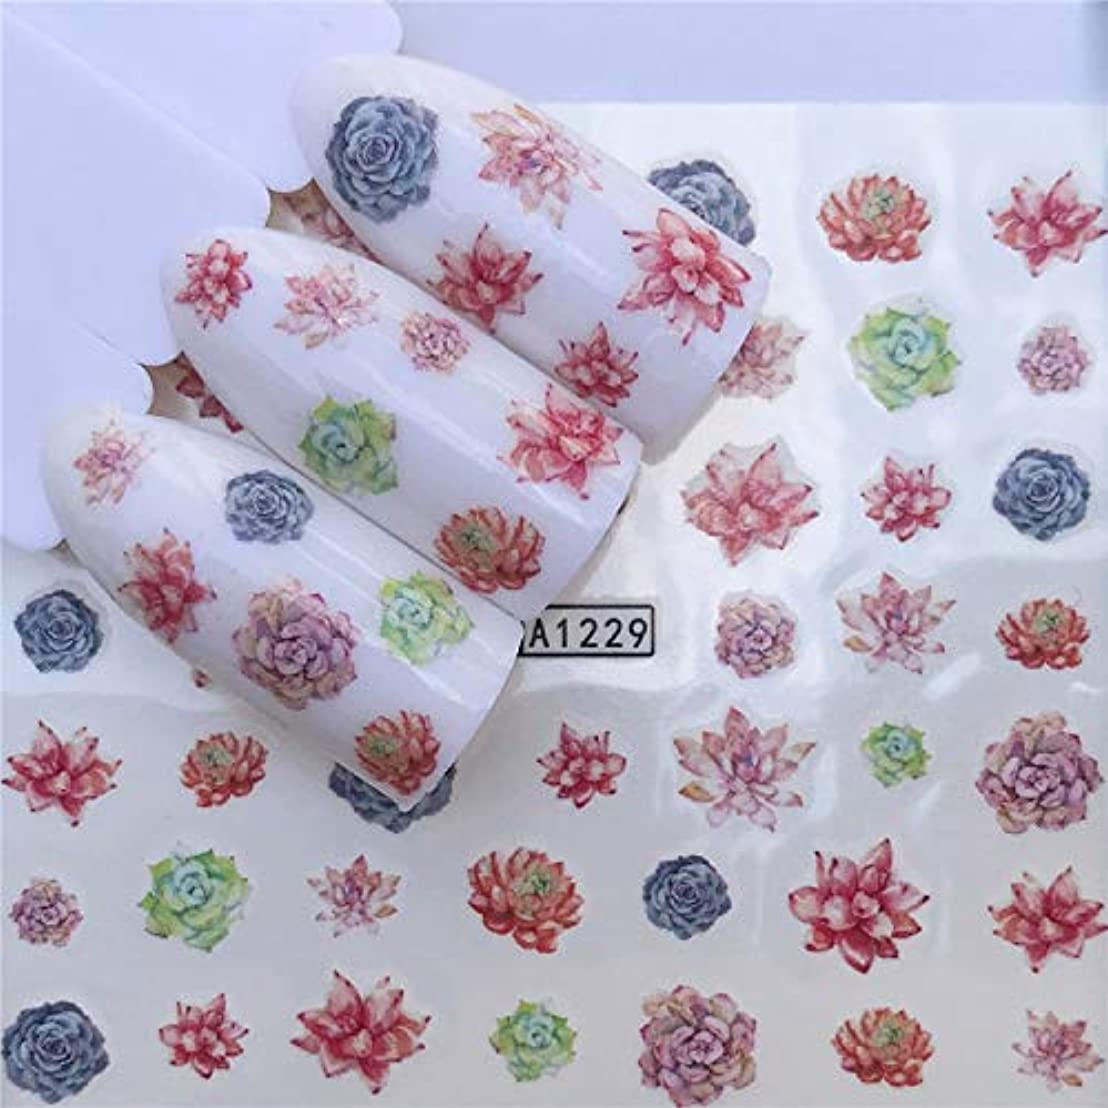 Yan 3個ネイルステッカーセットデカール水転写スライダーネイルアートデコレーション、色:YZWA1229